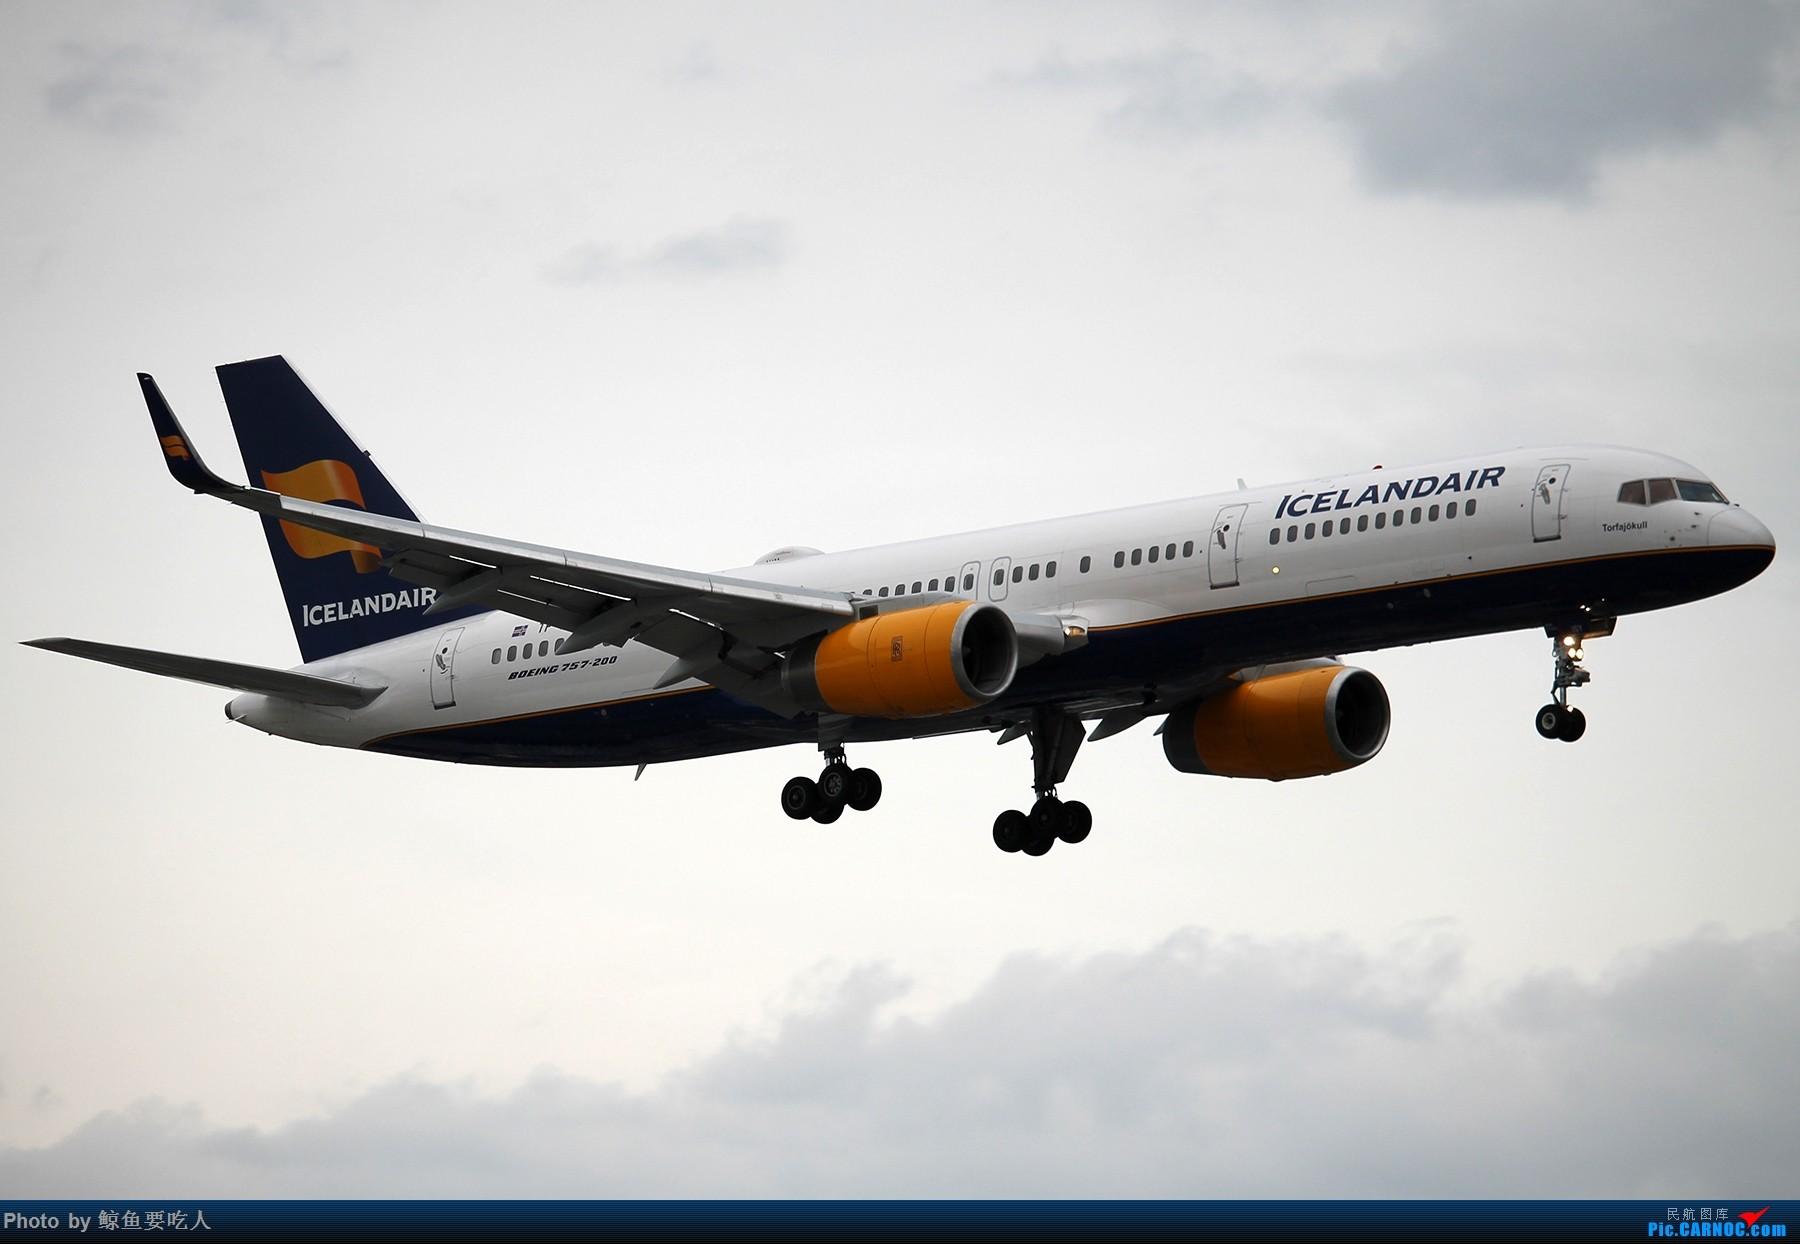 Re:[原创][YYZ] 多伦多皮尔逊国际机场 阴天起降一组~~~ BOEING 757-200 TF-ISY 多伦多皮尔逊国际机场